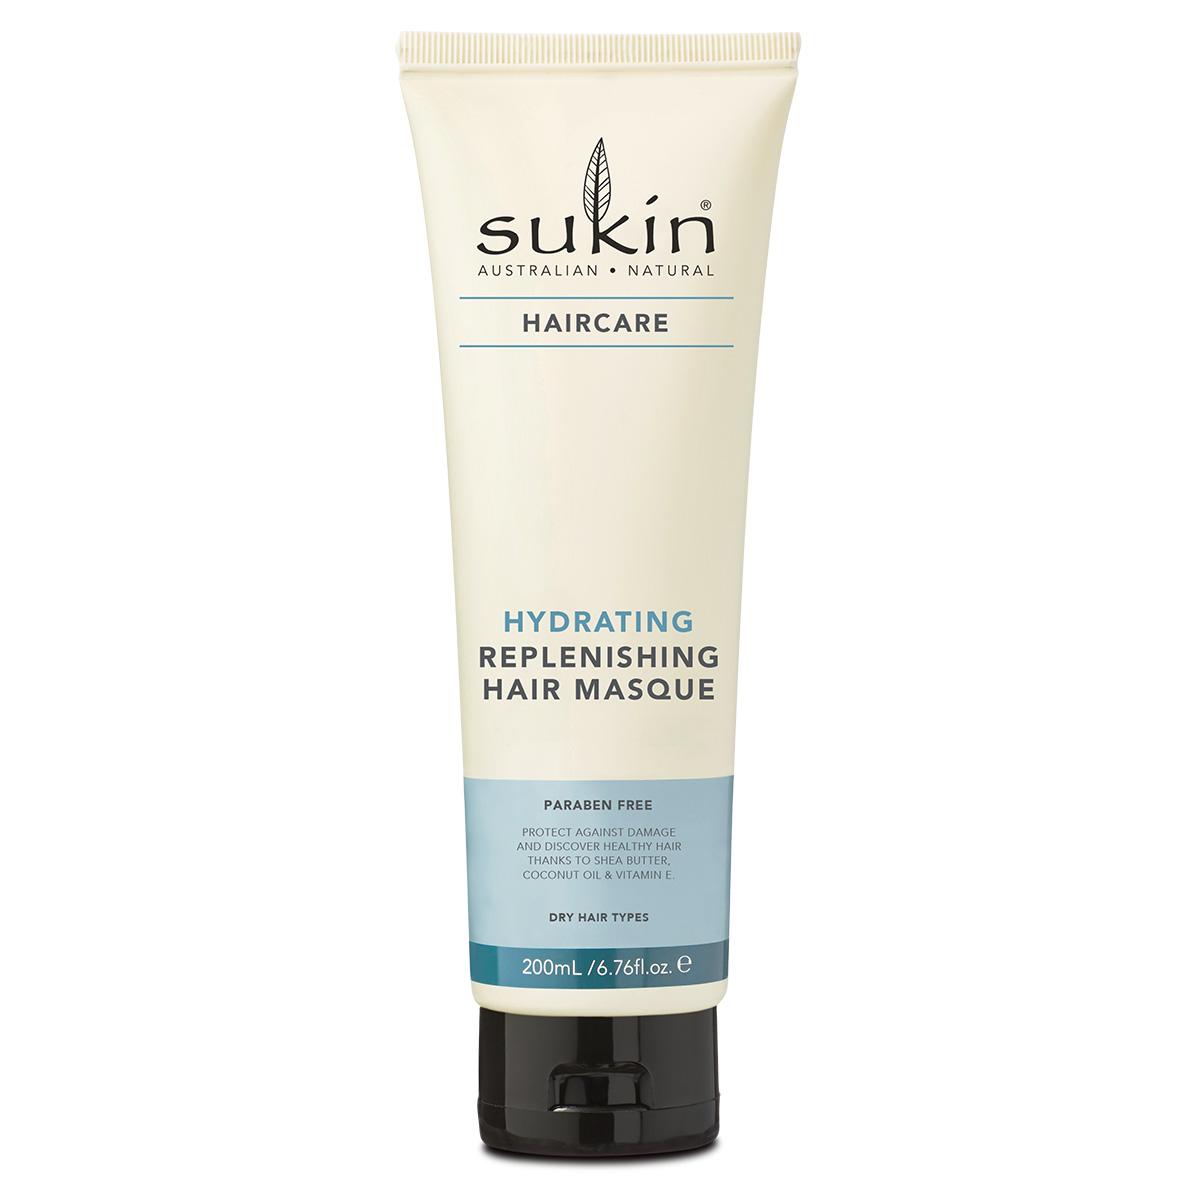 Mặt Nạ Dưỡng Ẩm Tóc Sukin Hydrating Replenishing Hair Masque 200ml